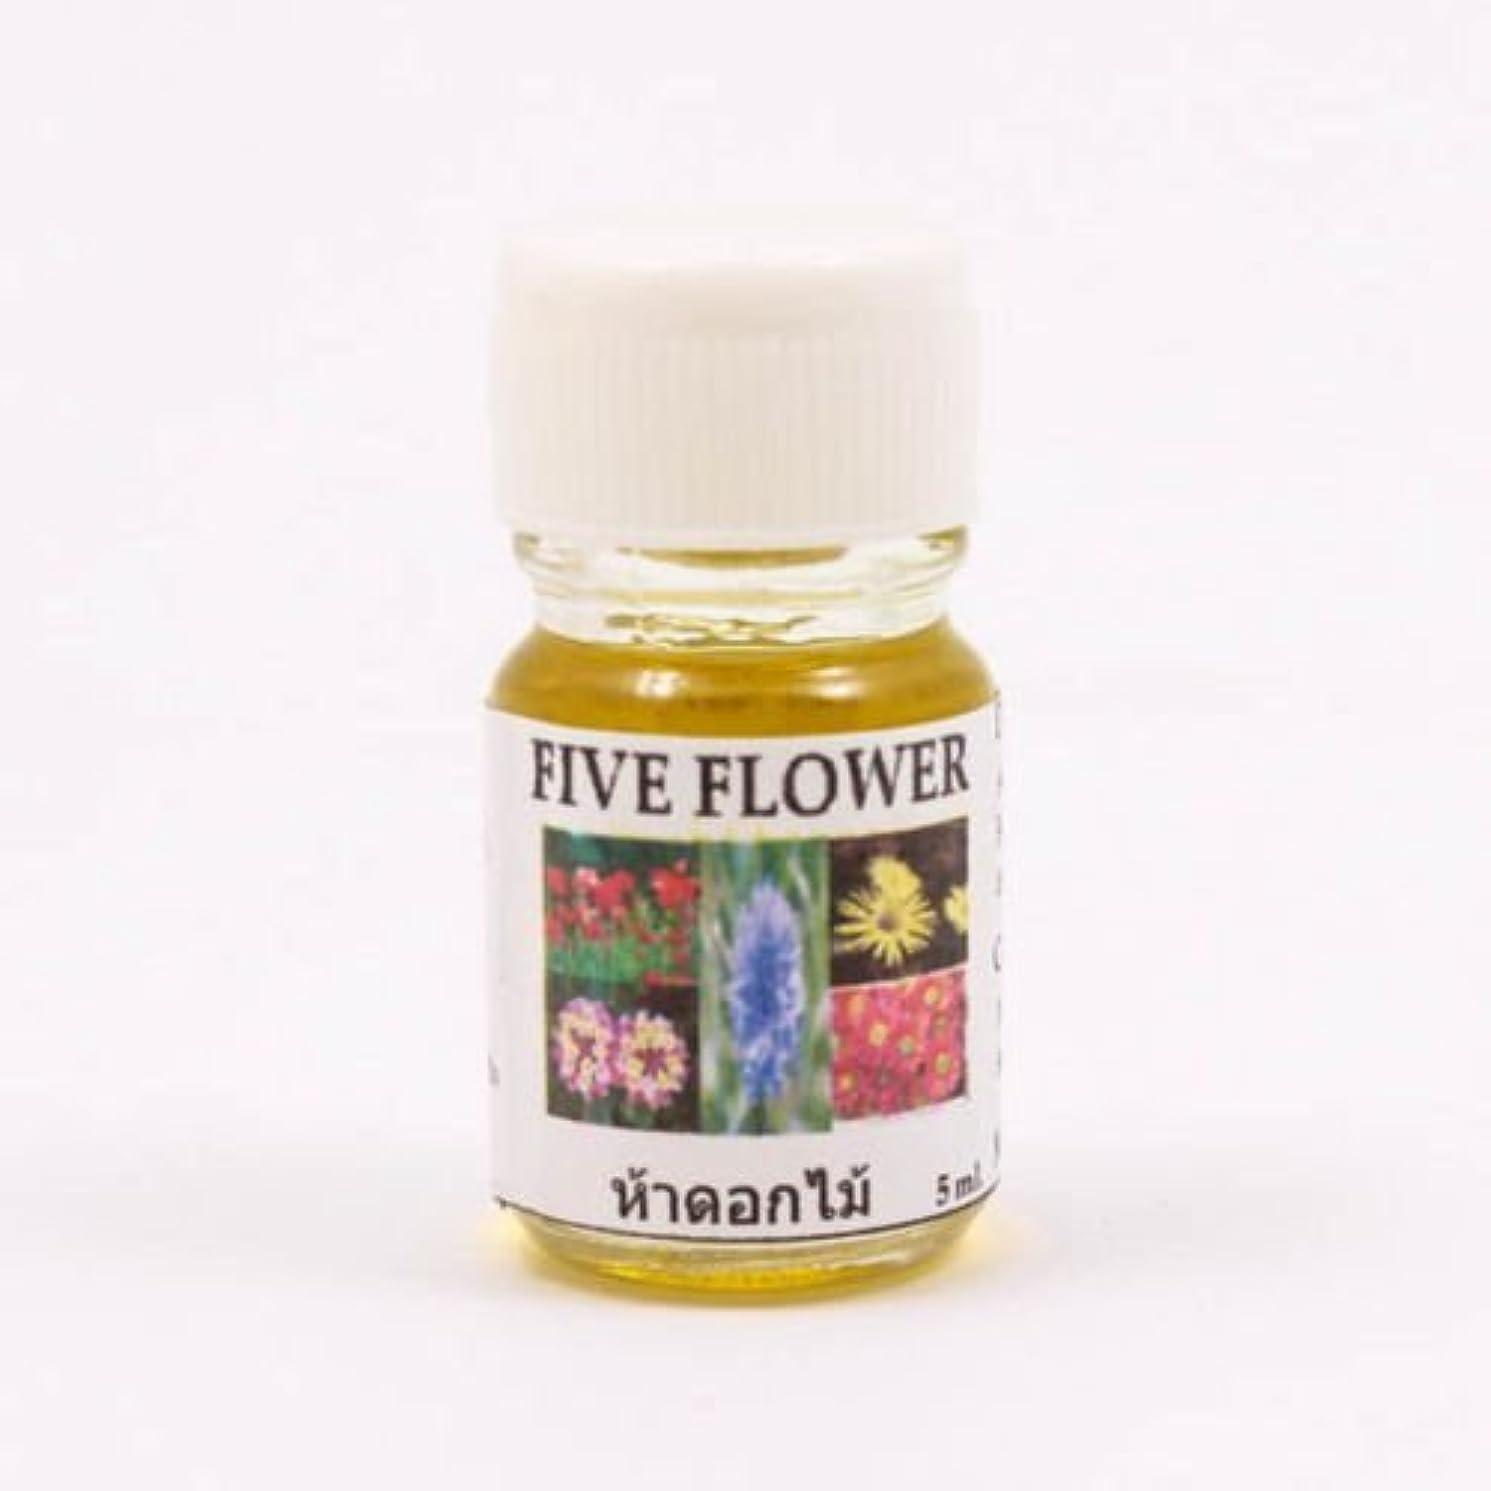 薄める論争の的壊滅的な6X Five Flower Aroma Fragrance Essential Oil 5ML Diffuser Burner Therapy